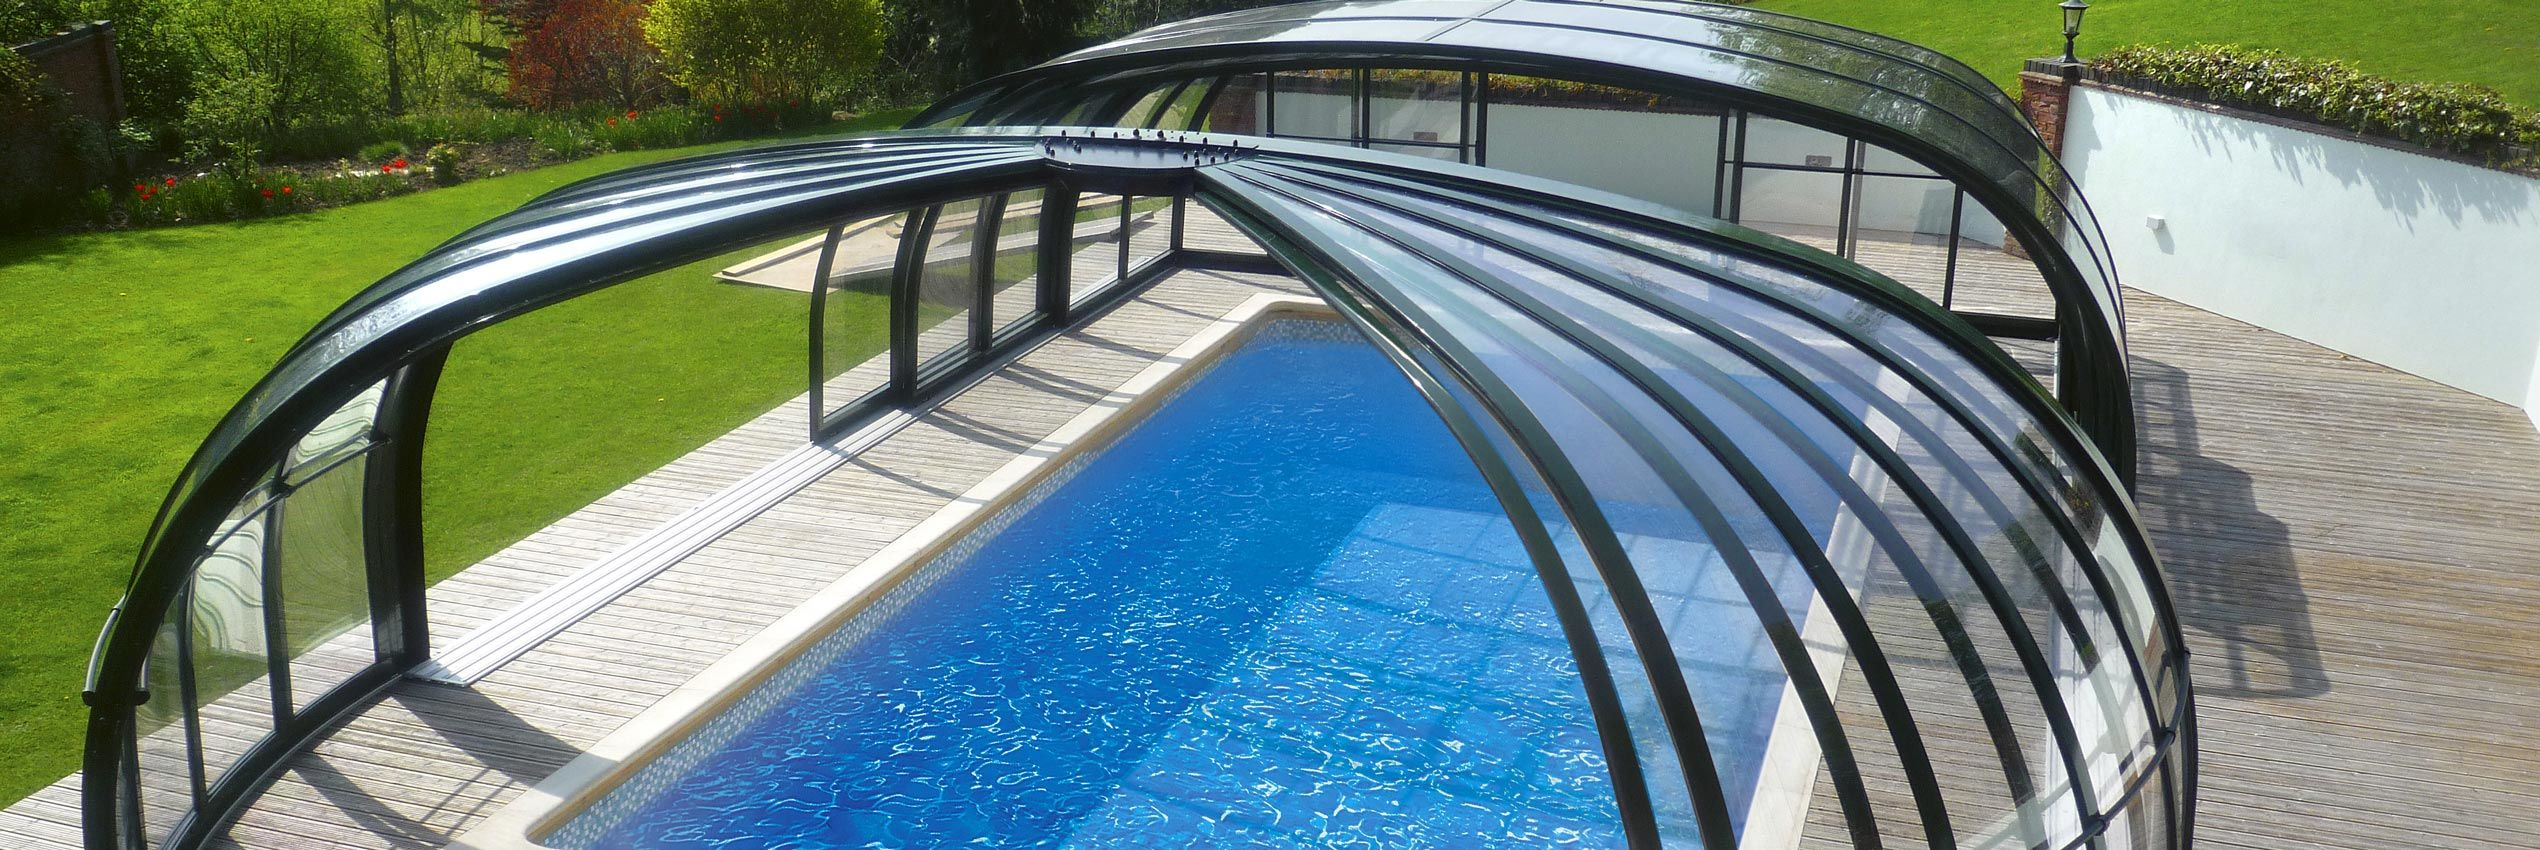 Copertura piscina aperta a metà Olympic